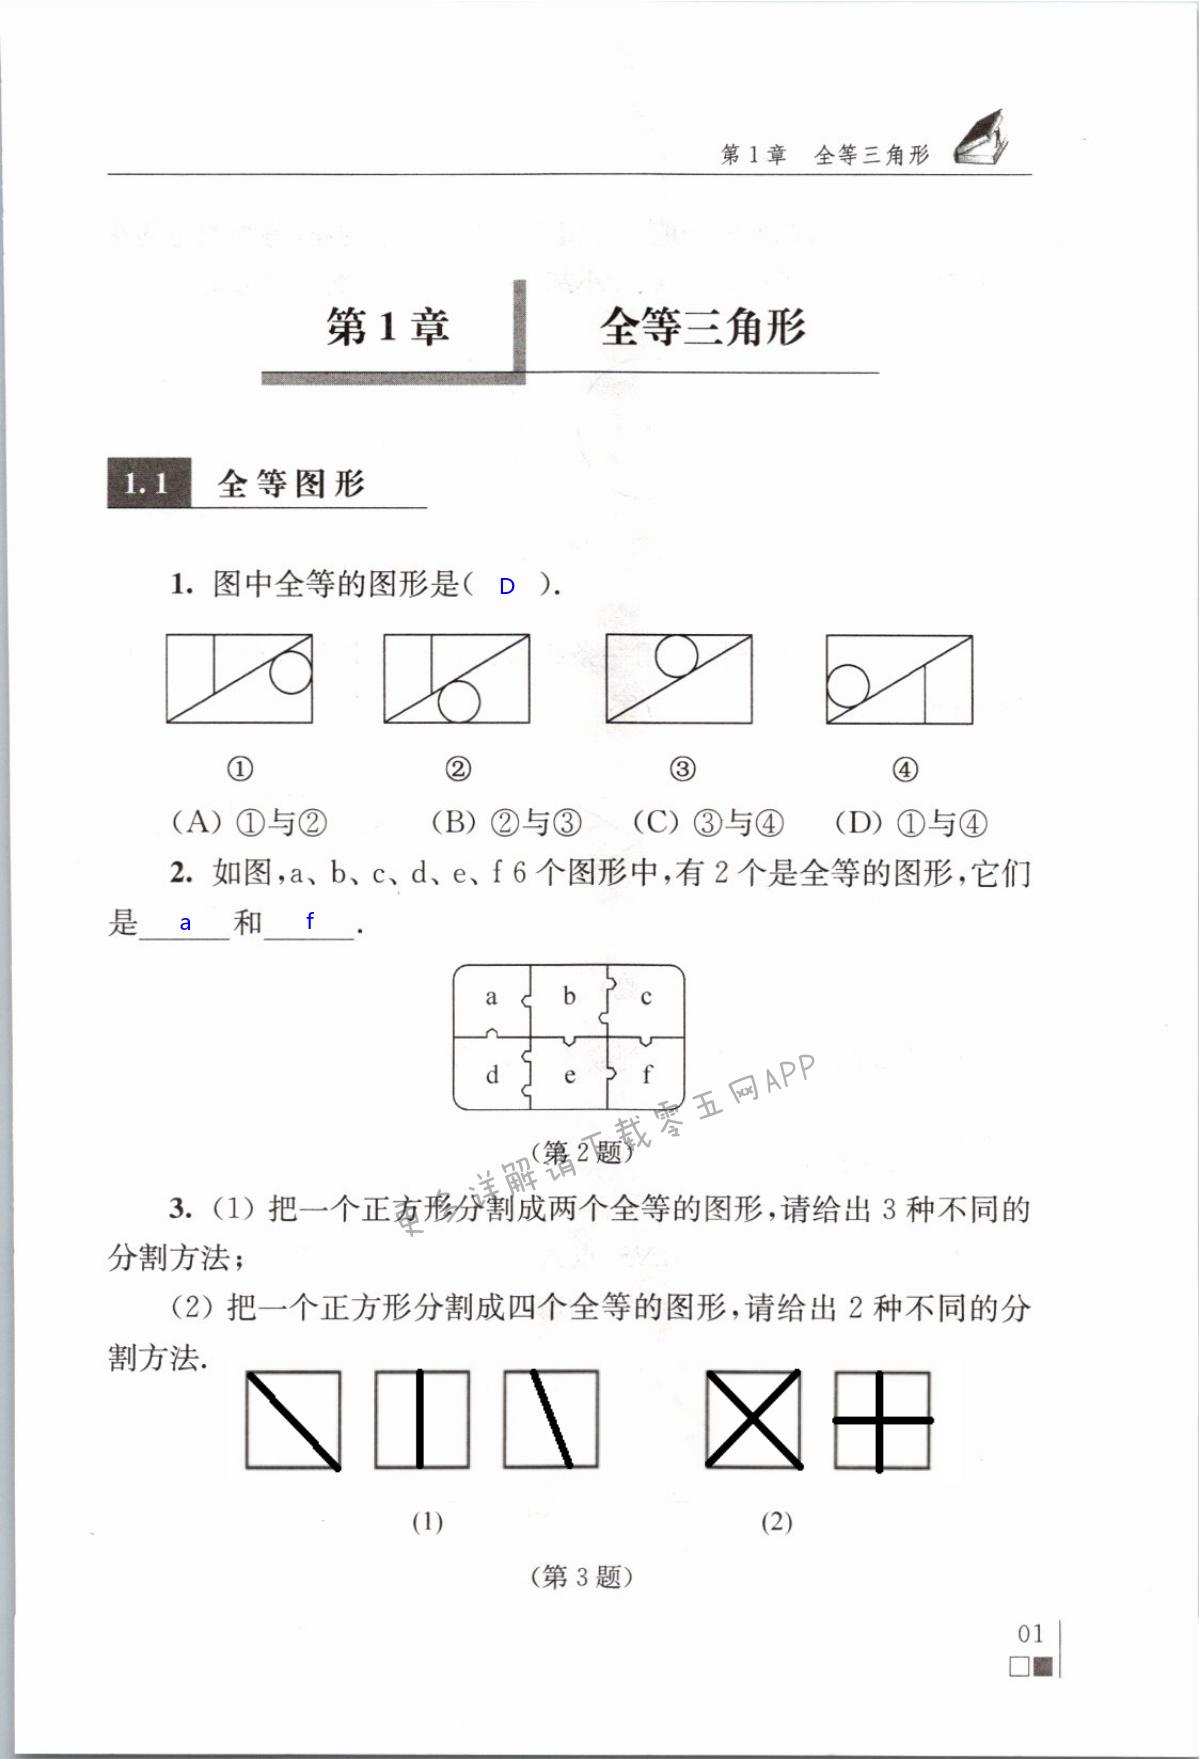 2021年补充习题八年级数学上册苏科版第1页